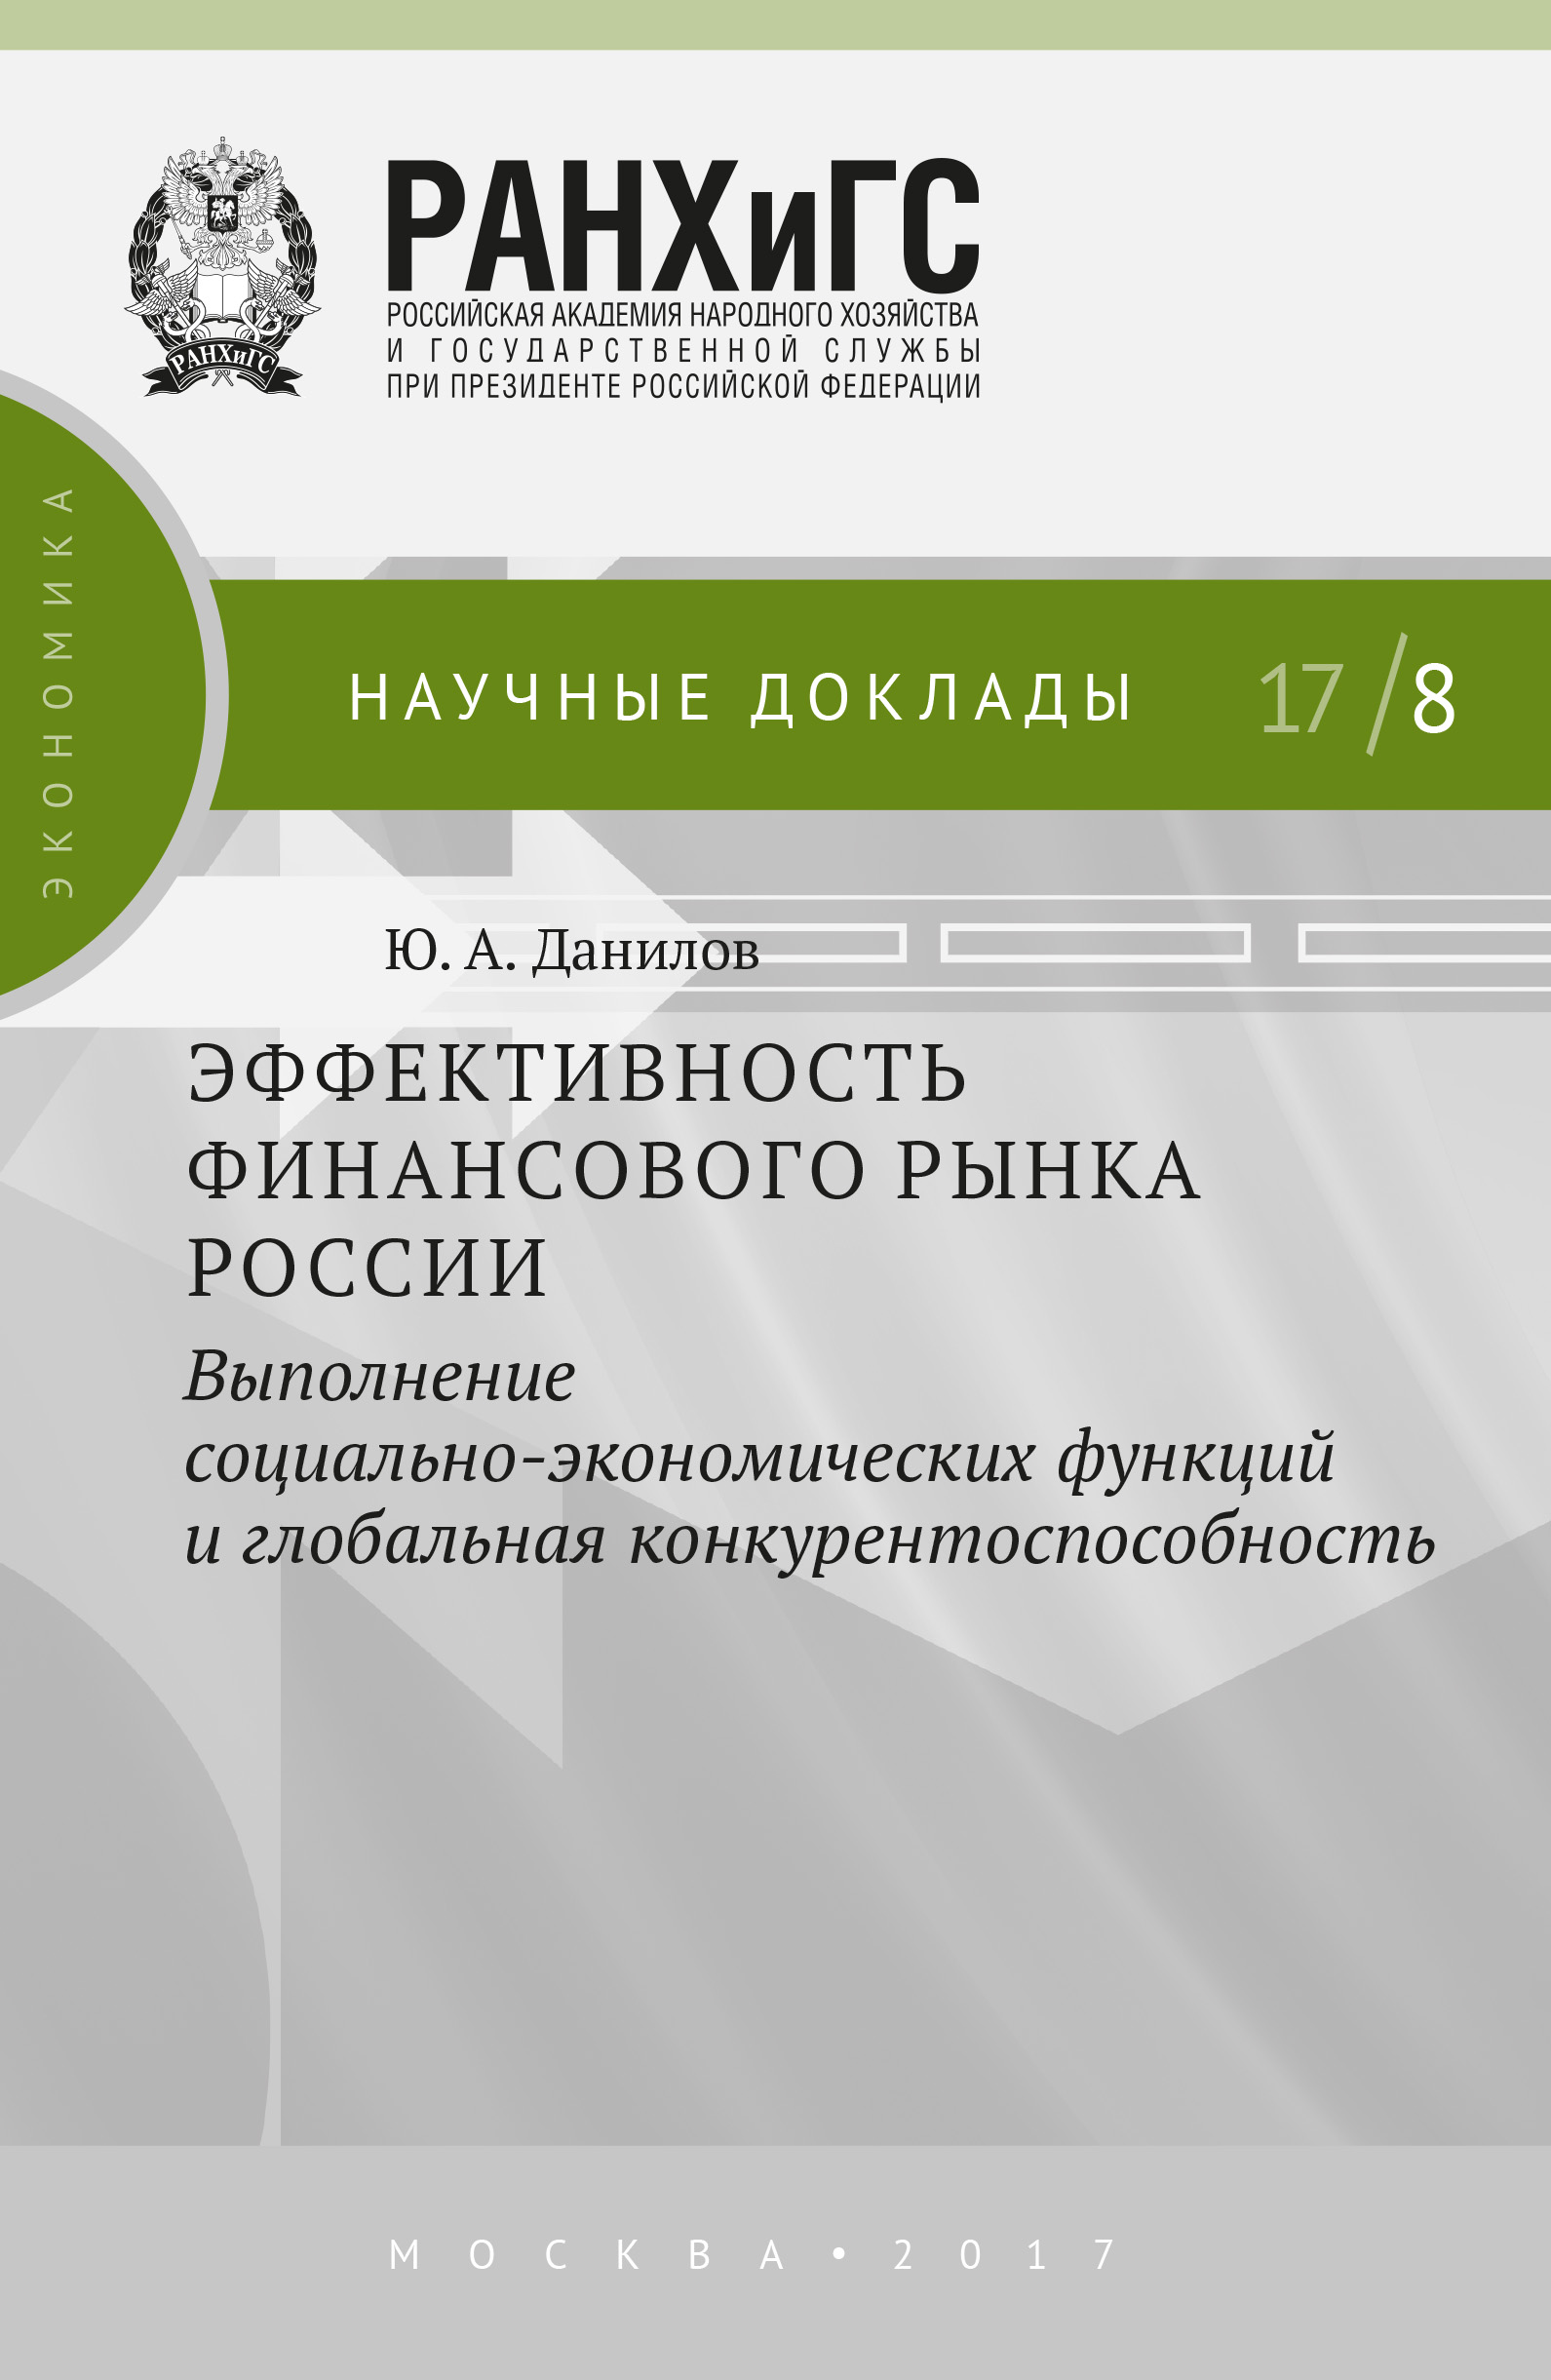 фото обложки издания Эффективность финансового рынка России. Выполнение социально-экономических функций и глобальная конкурентоспособность